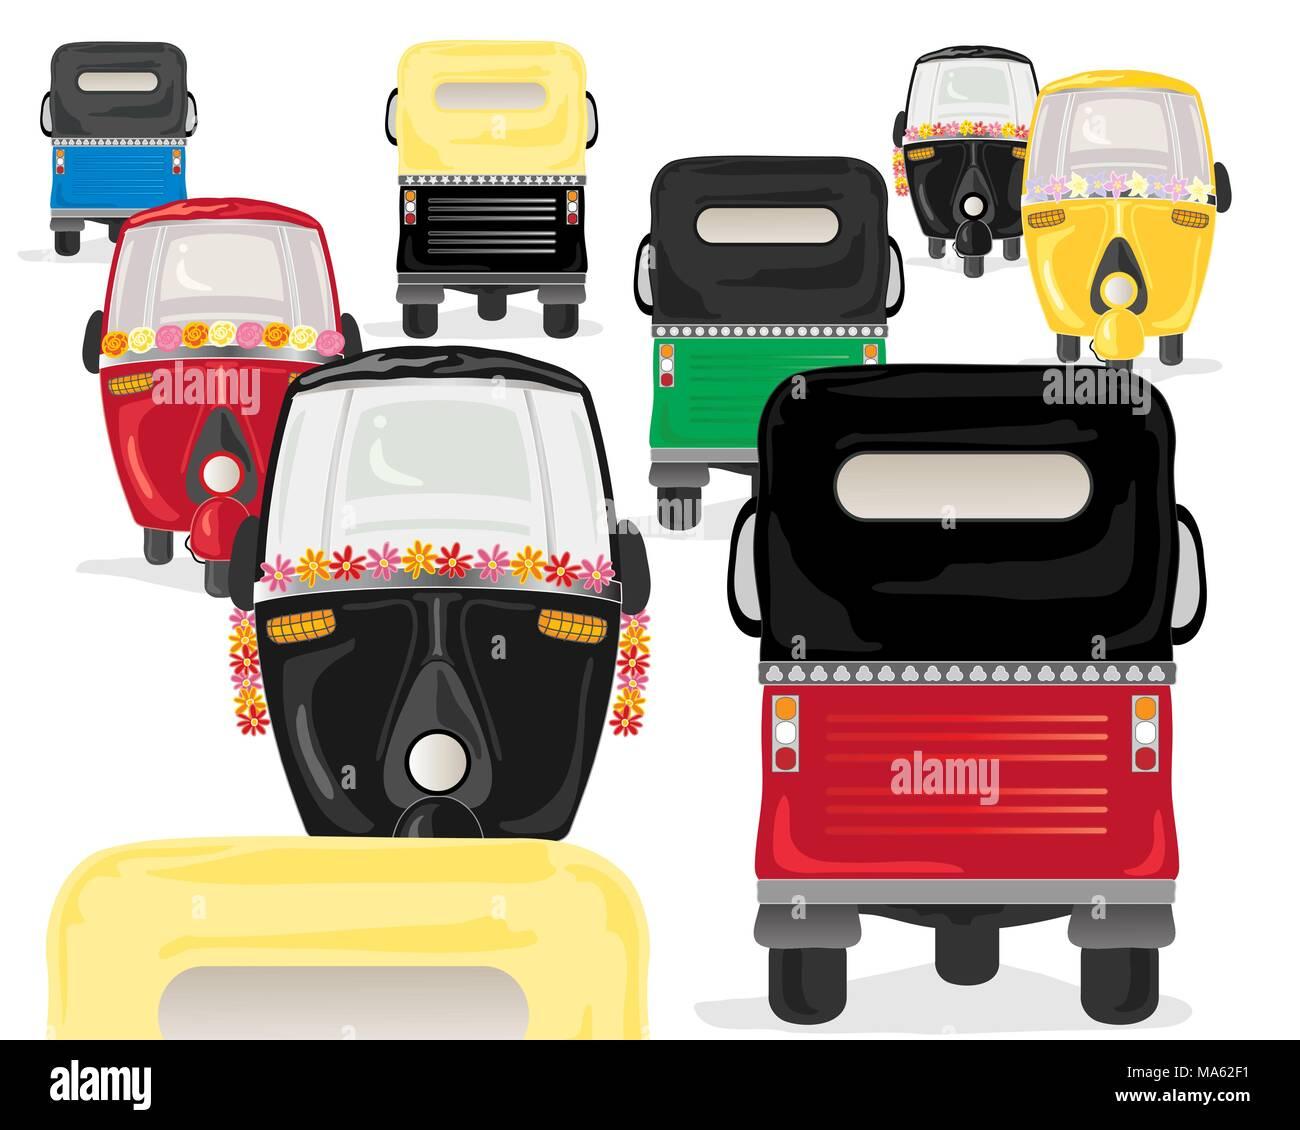 Una illustrazione vettoriale in formato eps formato 10 di coloratissimi tuk tuks in un ora di punta su sfondo bianco Immagini Stock